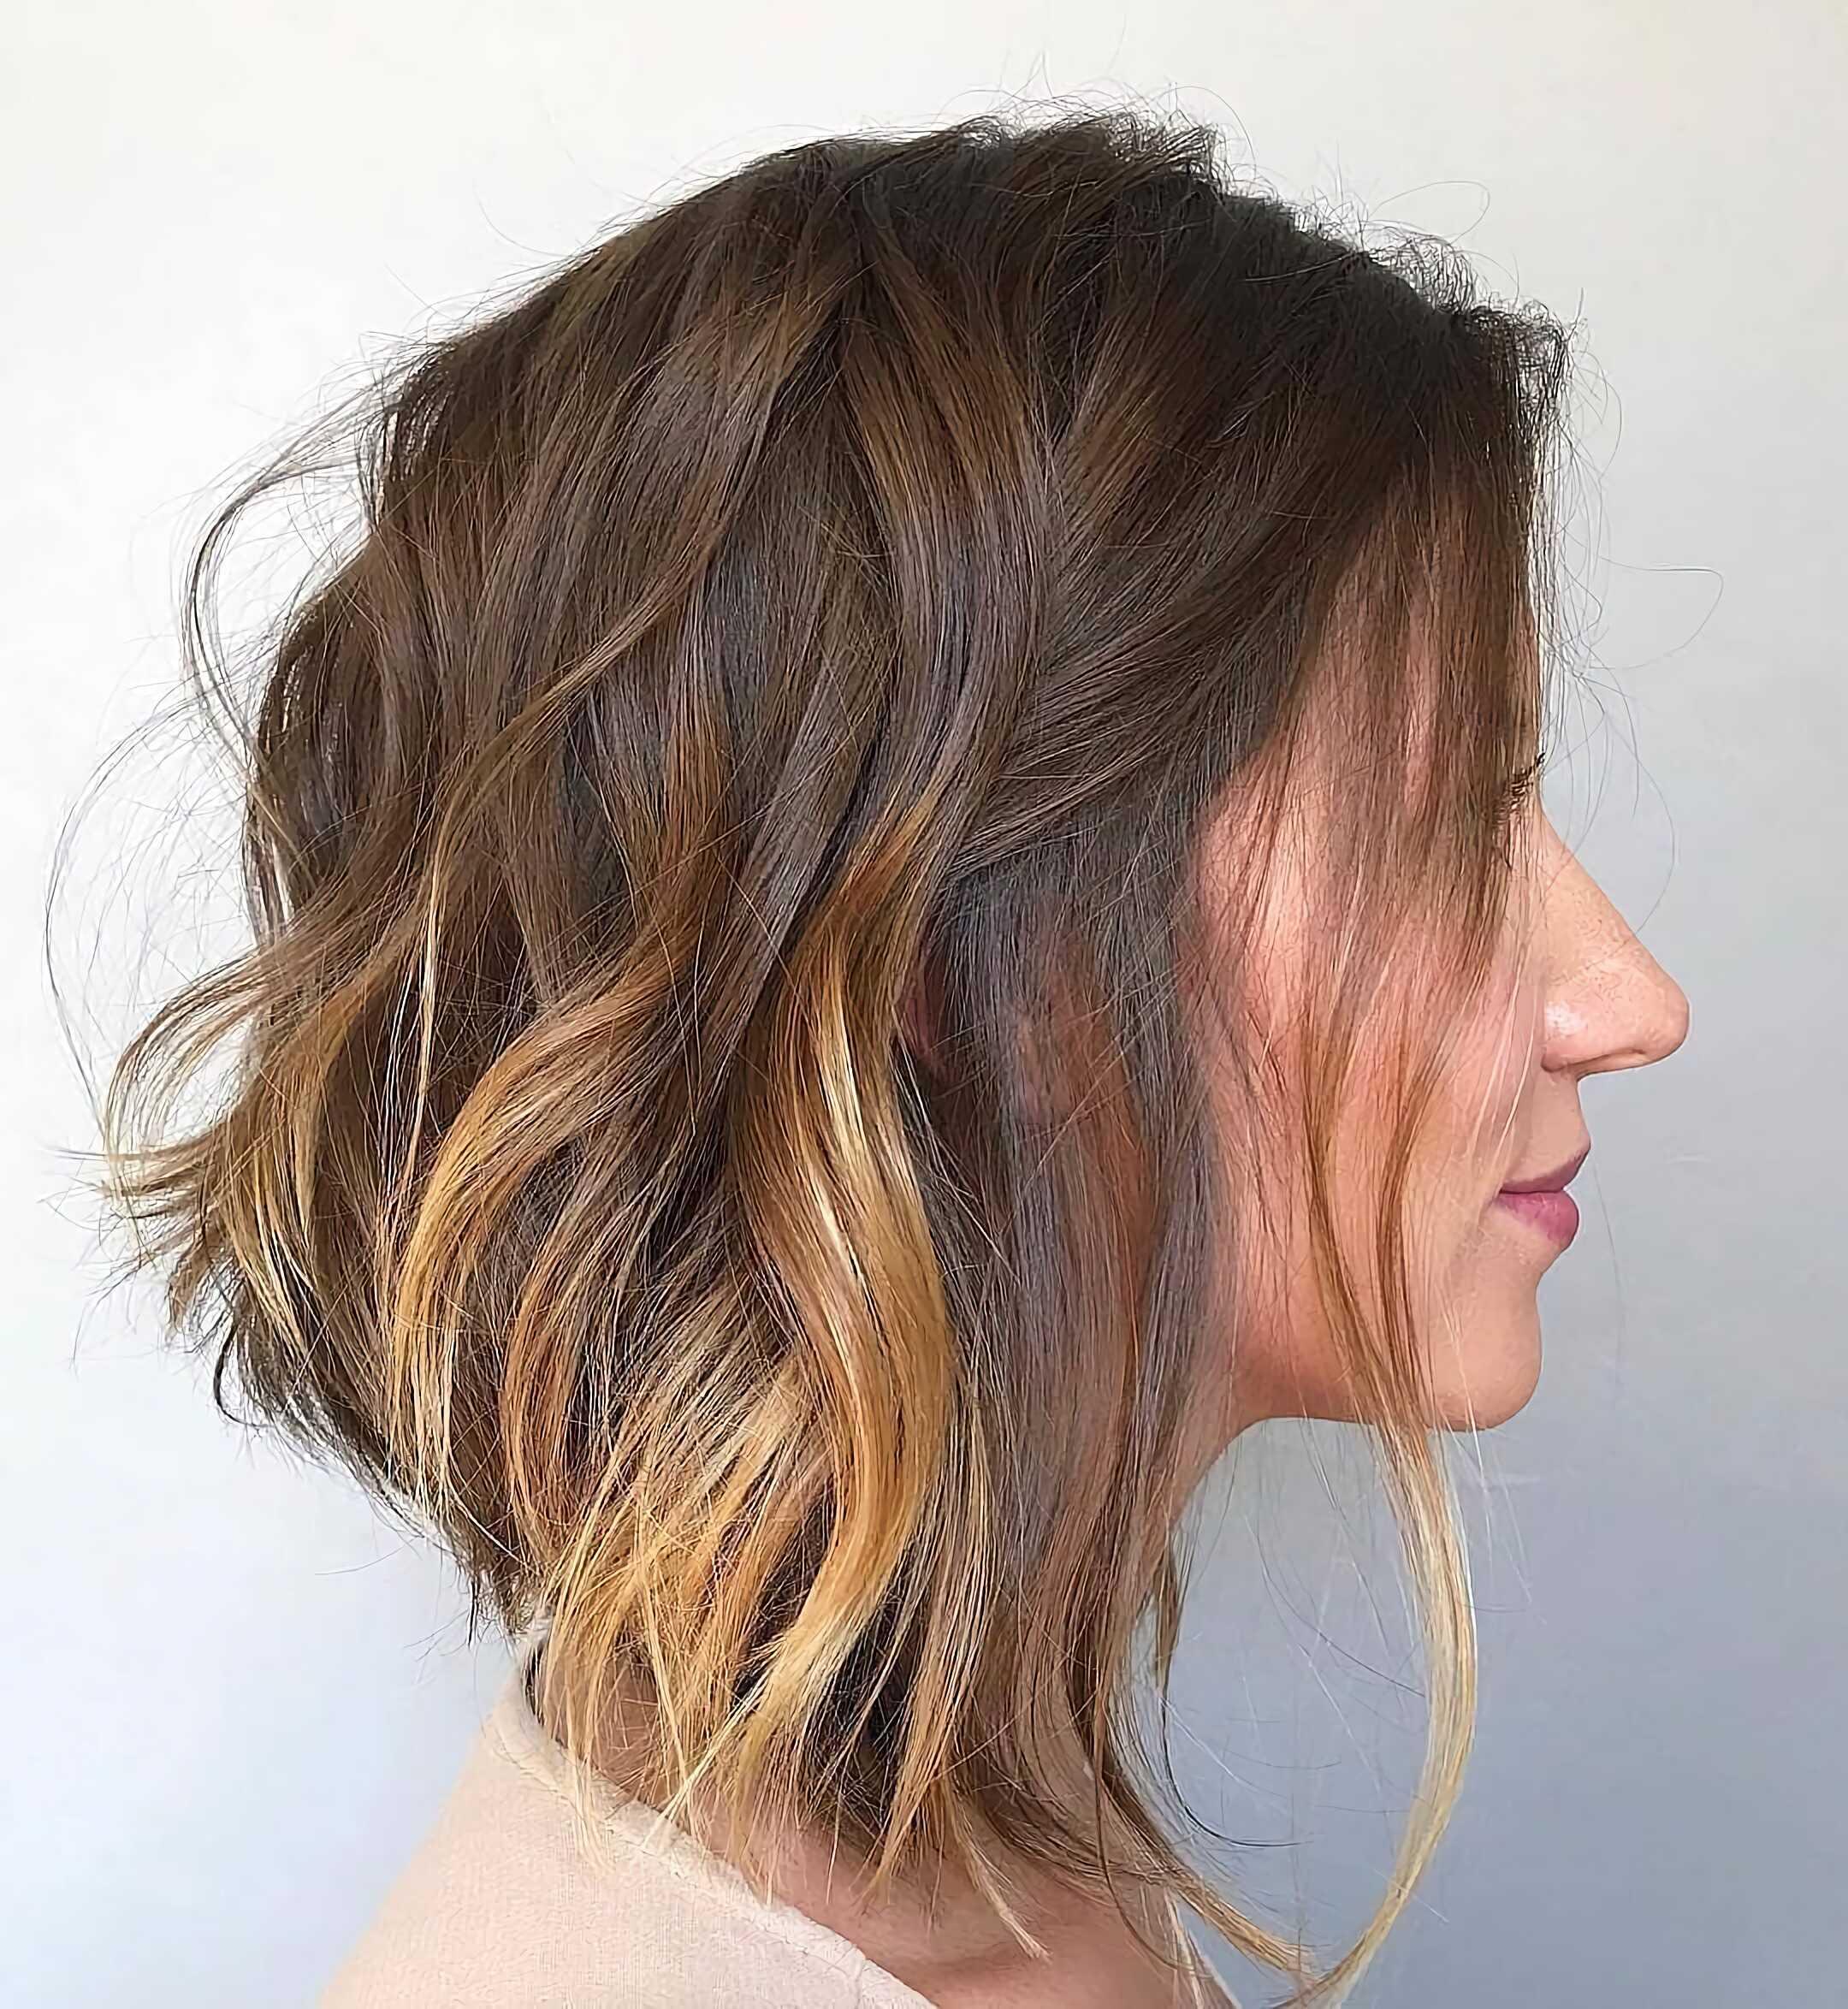 модная стрижка каре на средние волосы